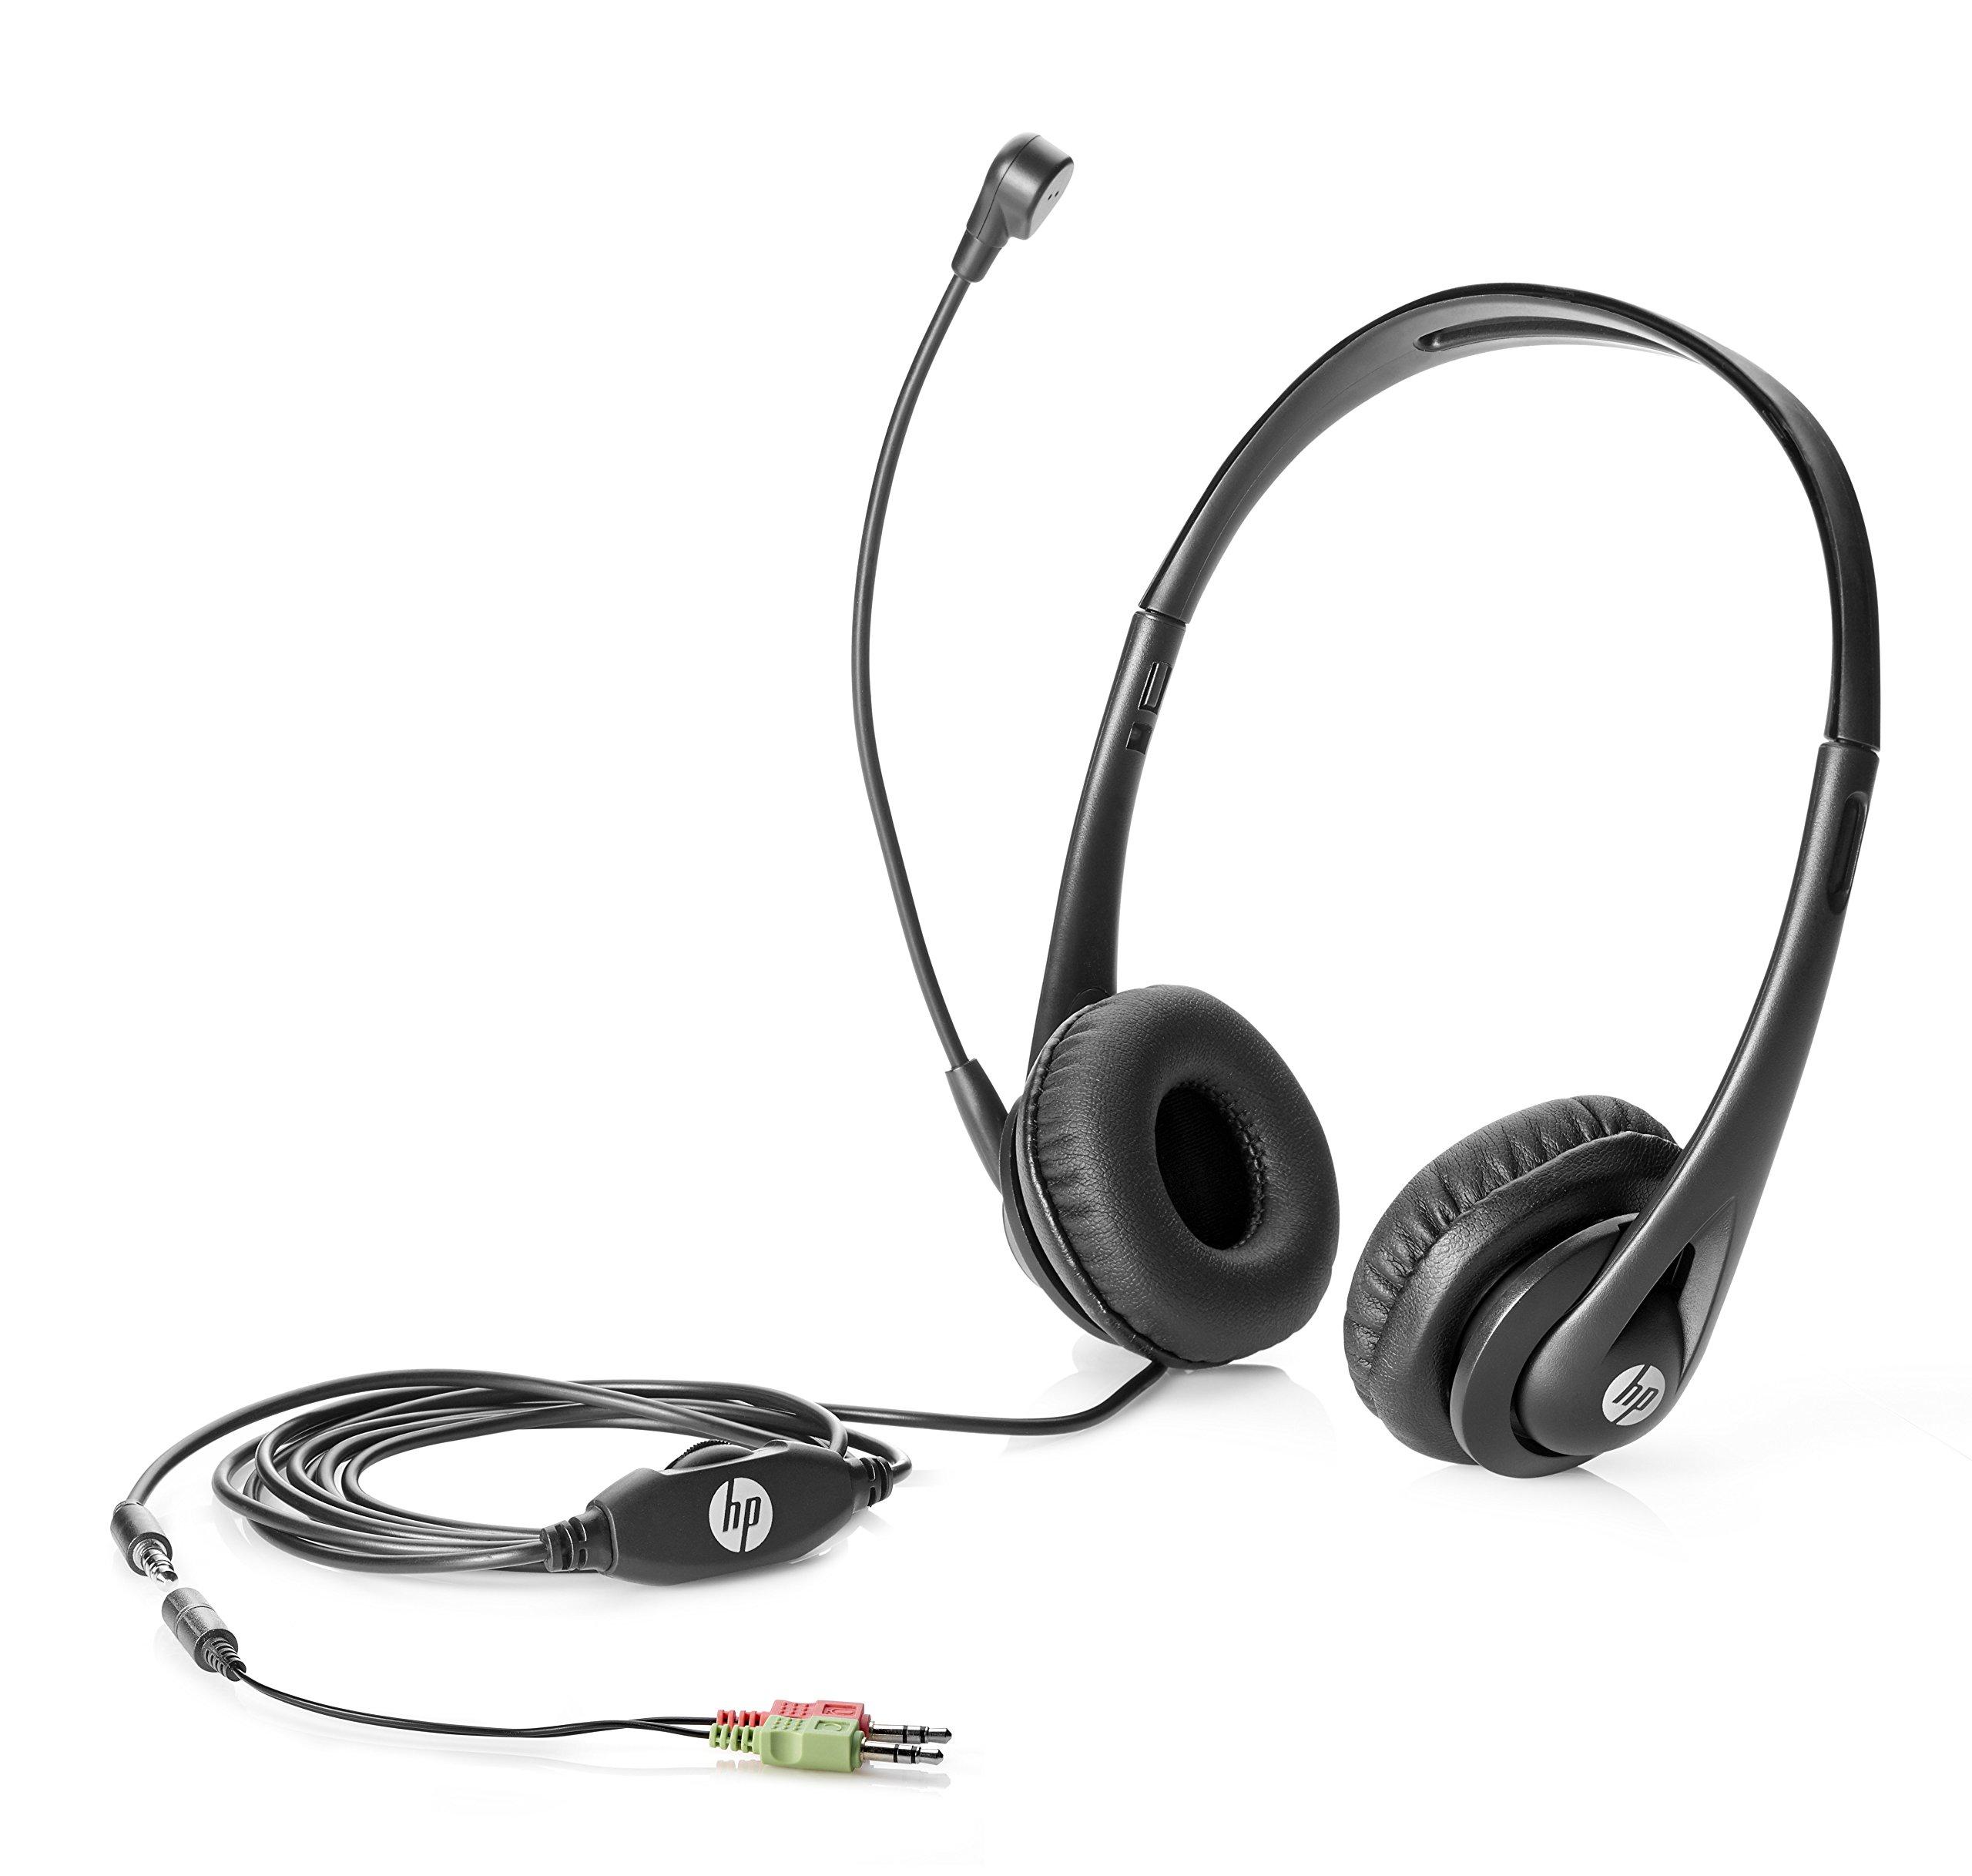 HP Business Headset v2 (T4E61AA)